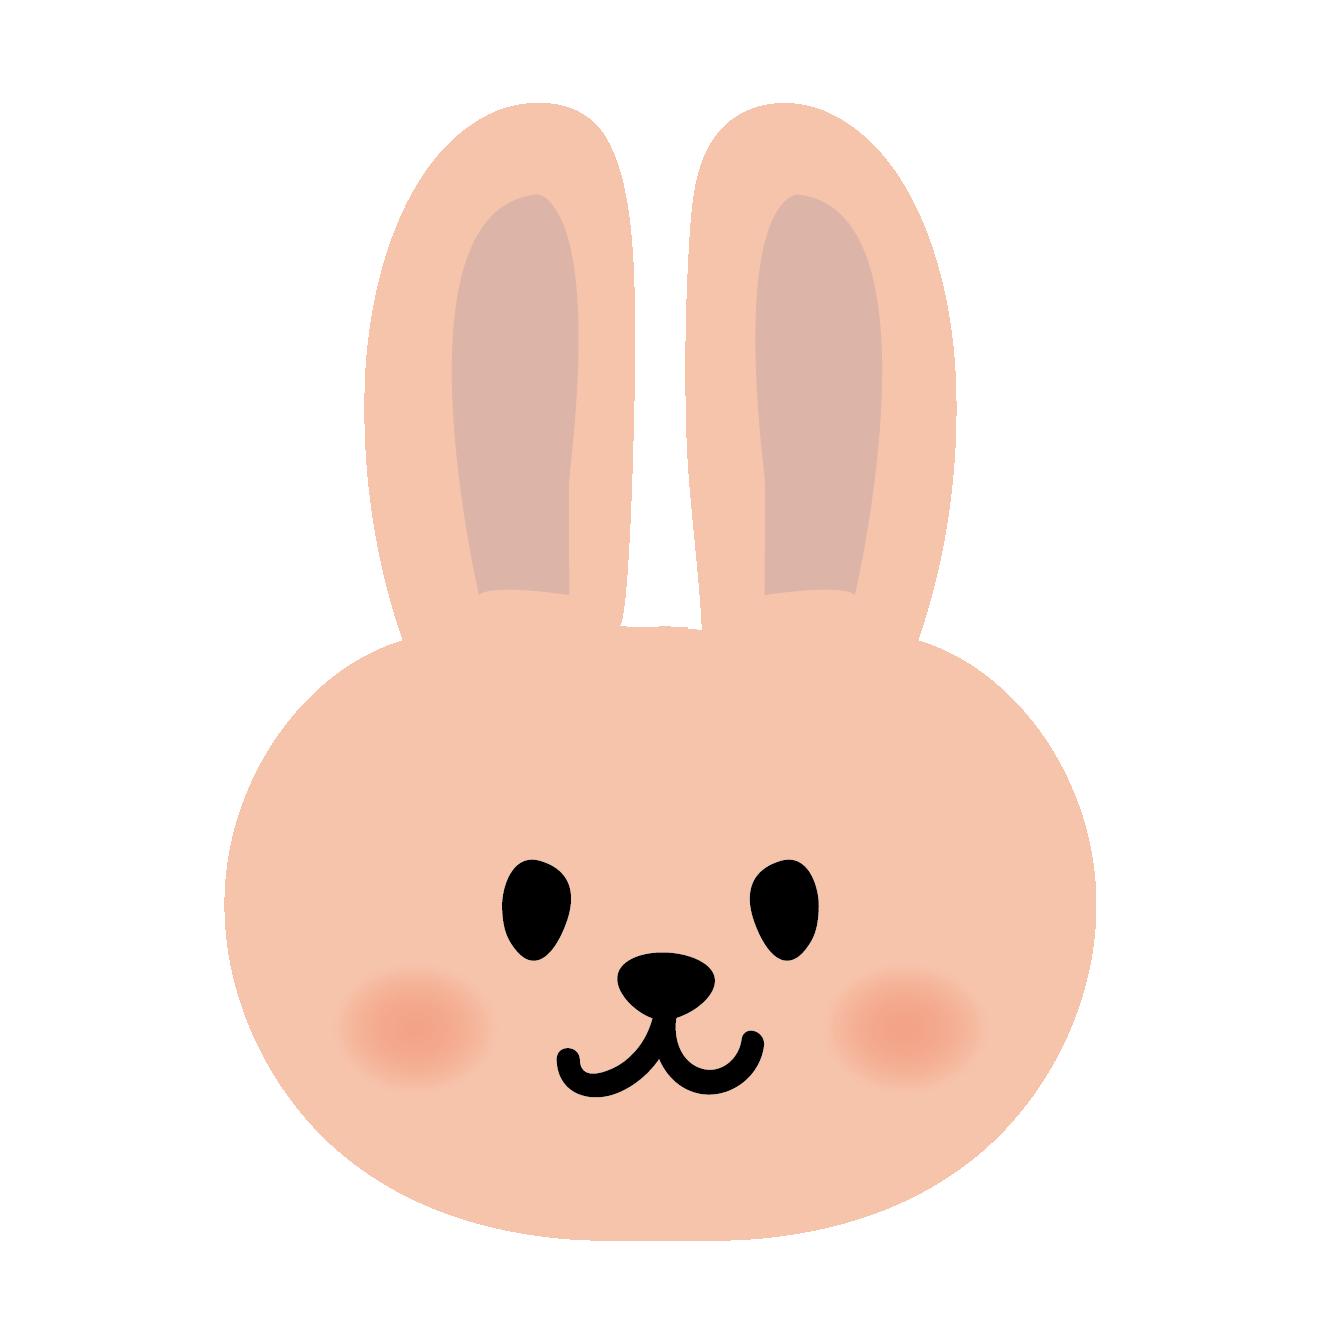 かわいいウサギの顔のアップ イラスト   商用フリー(無料)のイラスト素材